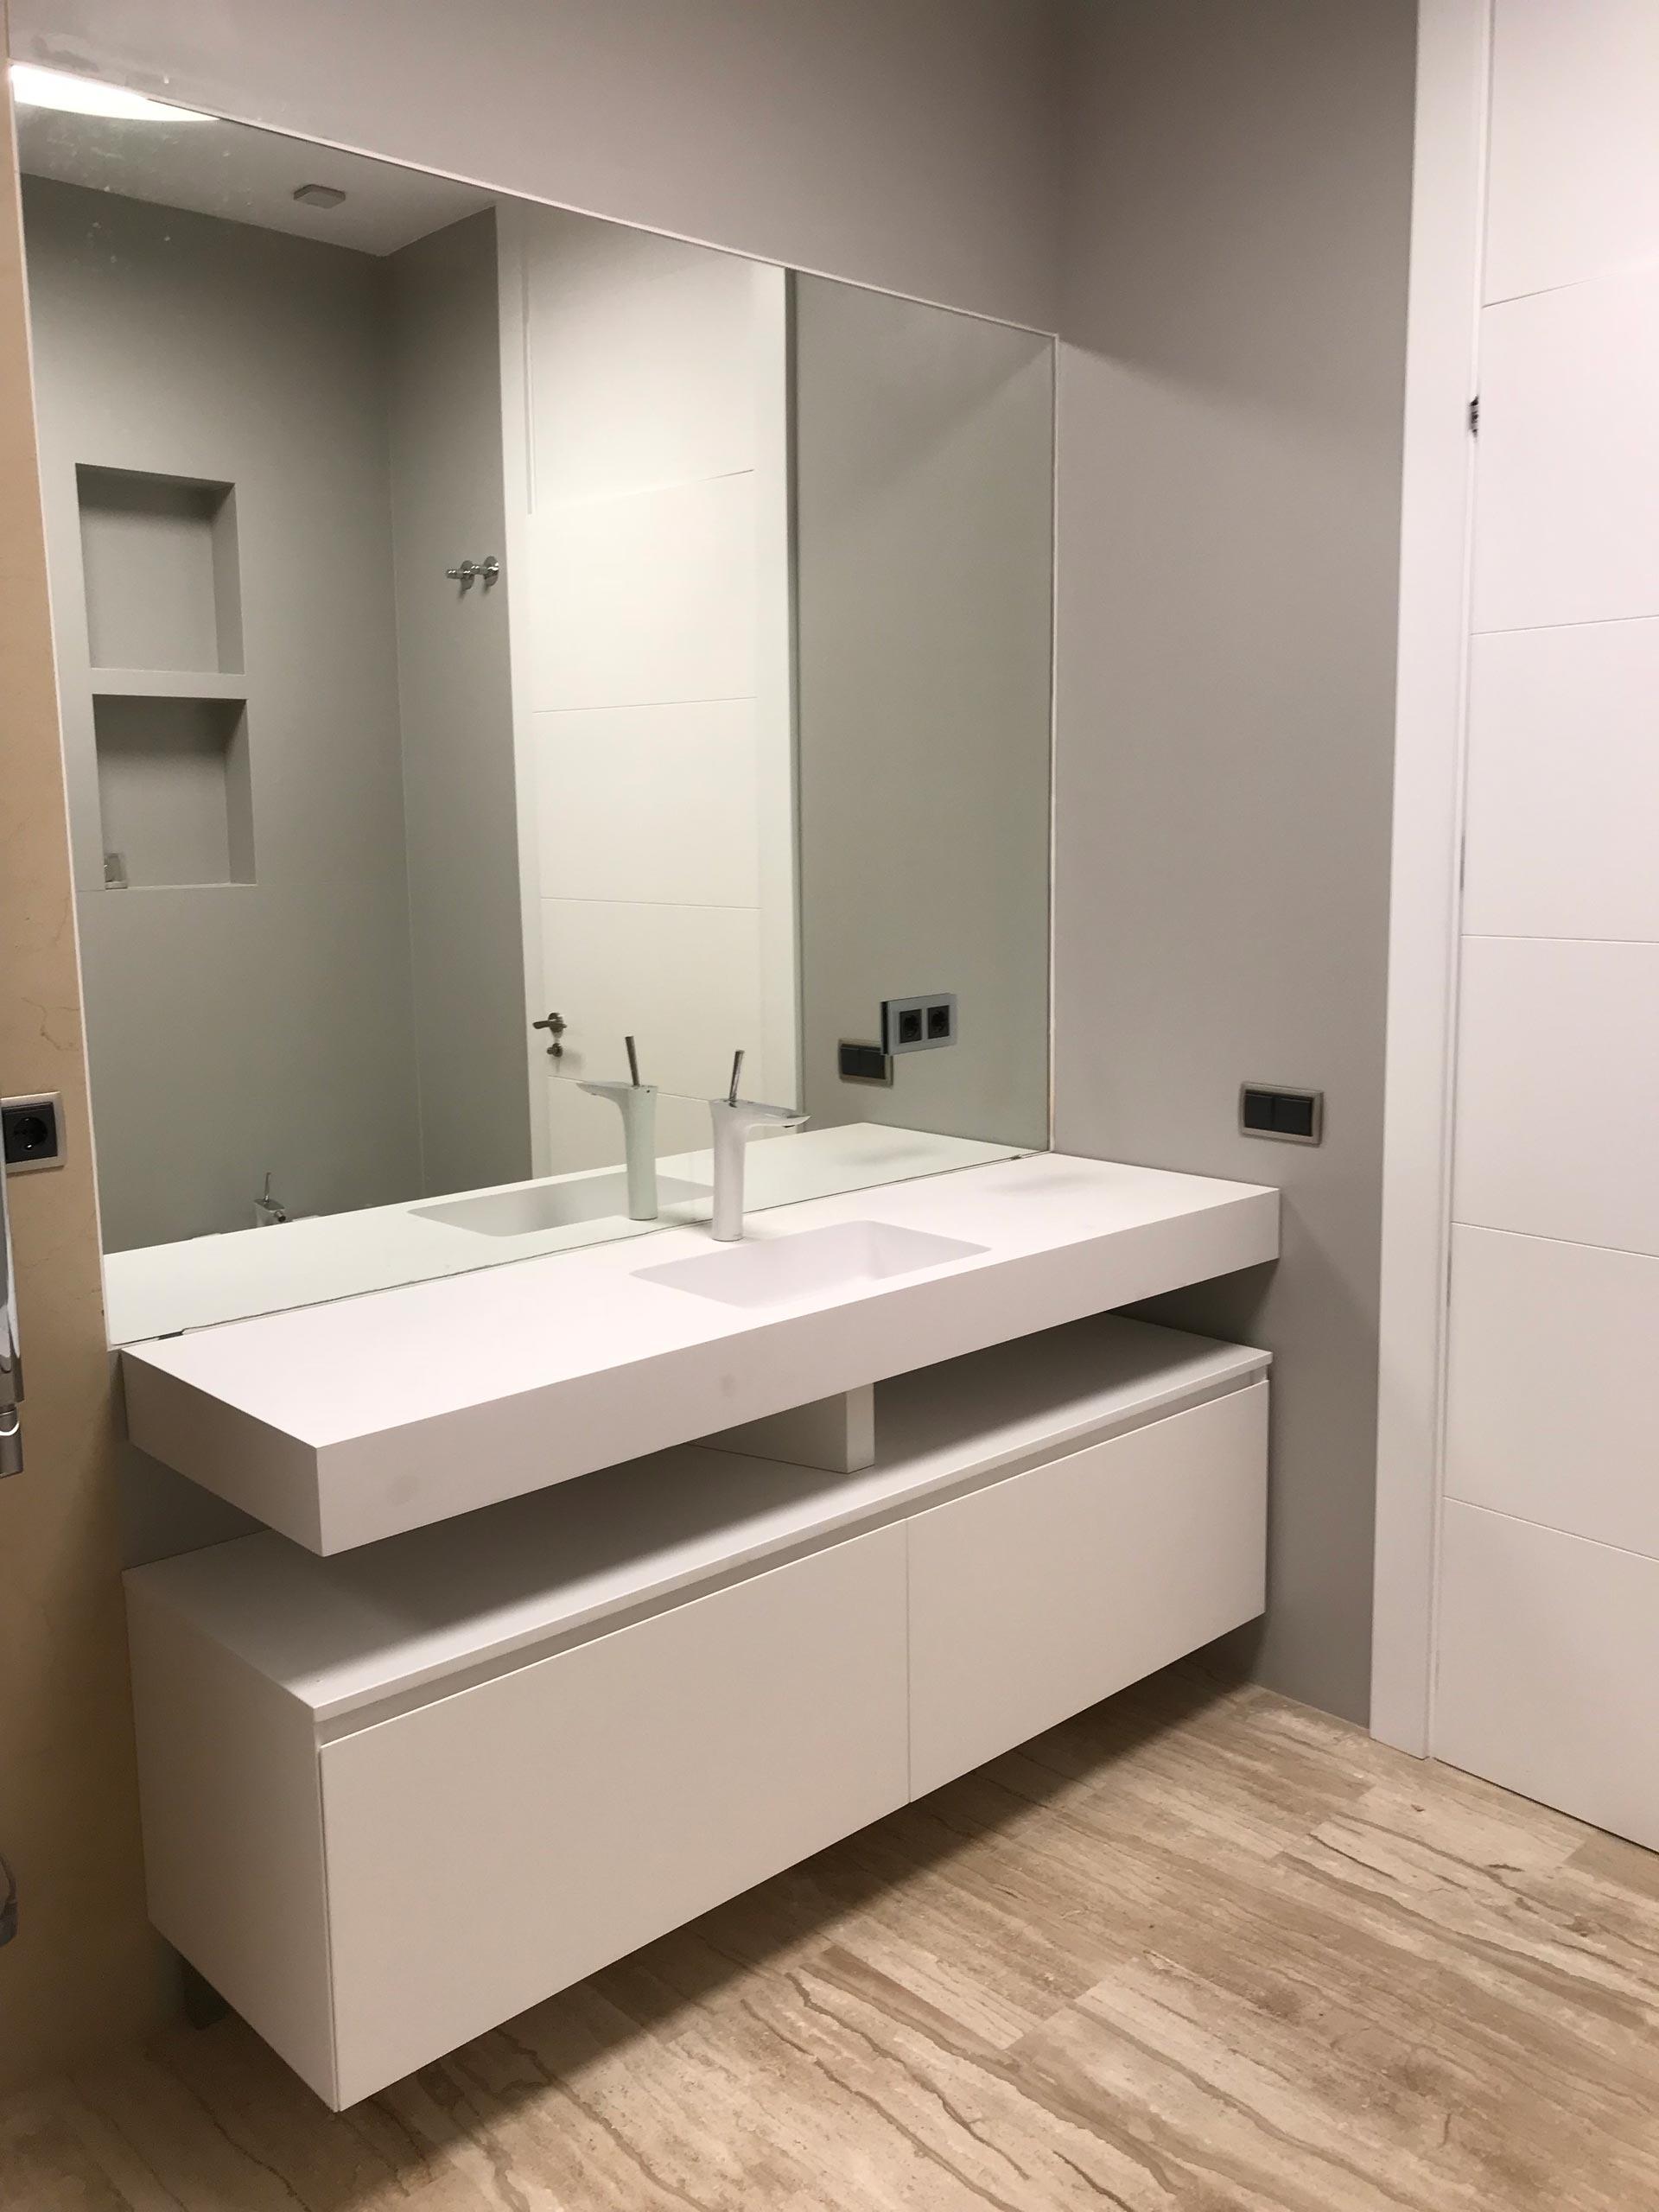 Empresas fabrica fabricacion cuartos bano aseos a medida valencia castellon alicante 22 - Muebles bano castellon ...